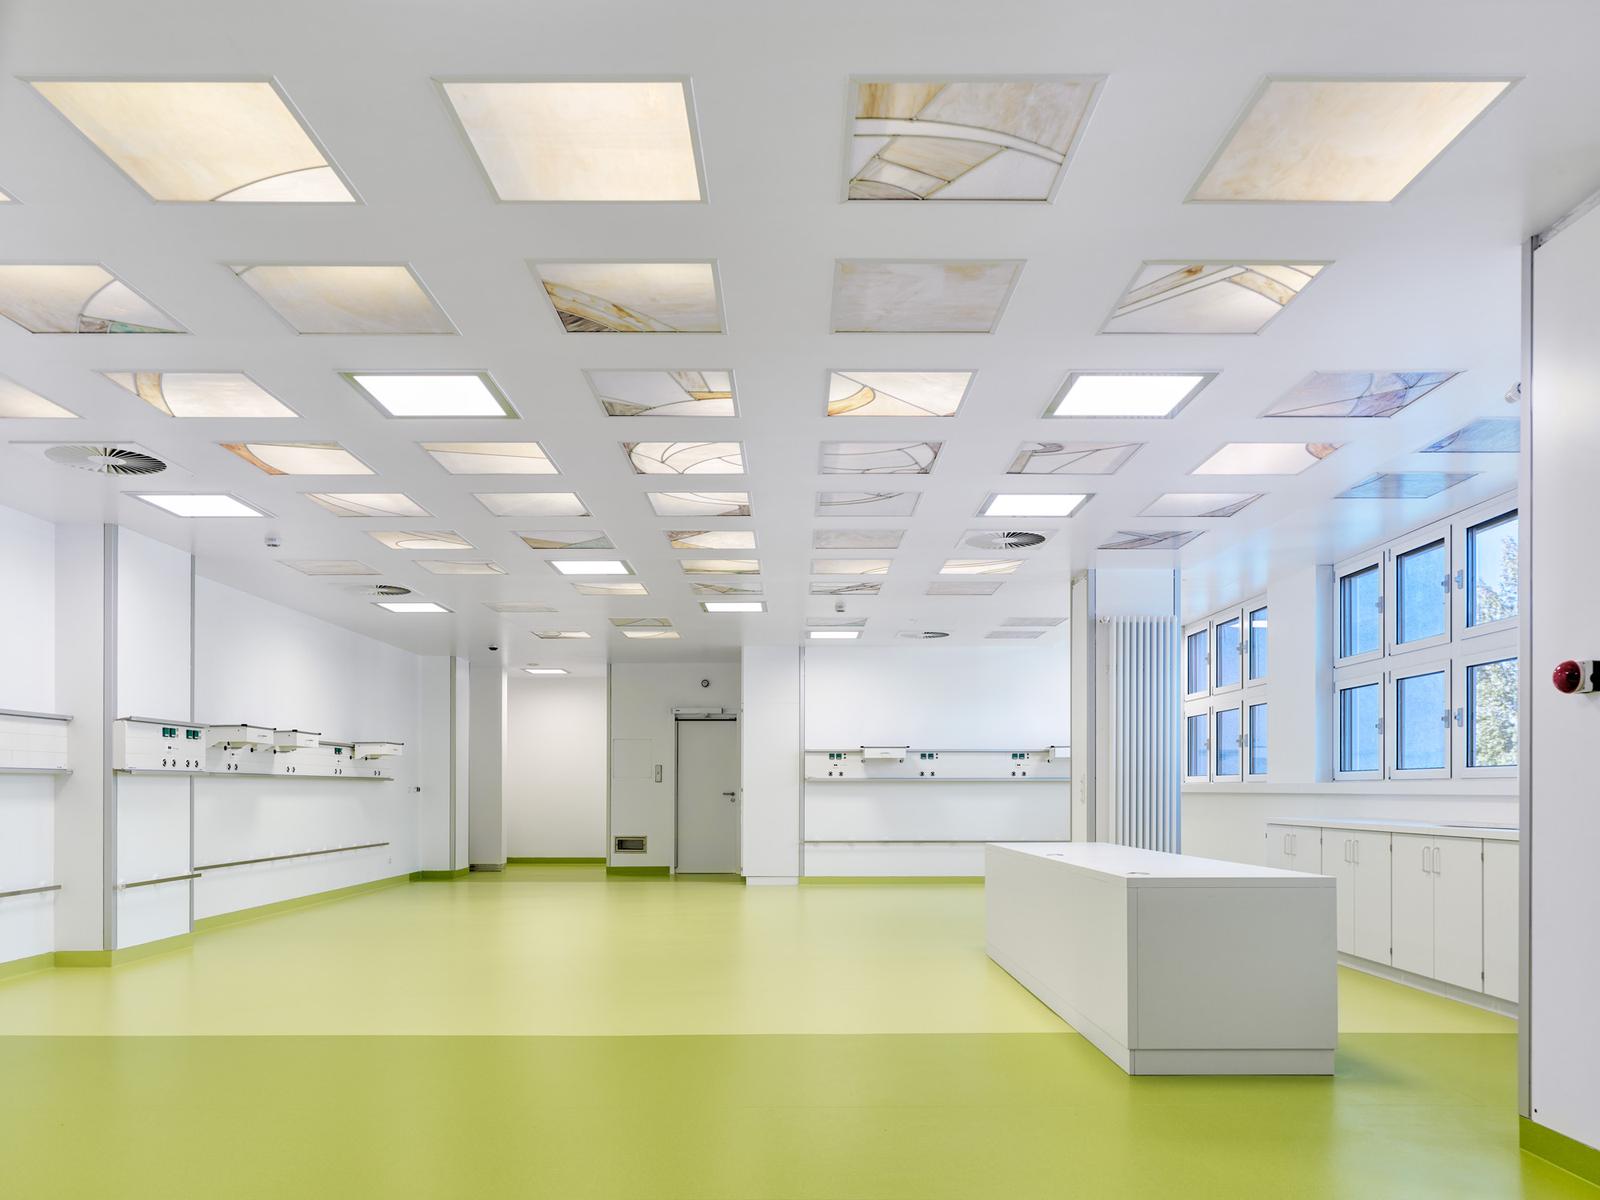 Der neue Aufwachraum bietet mehr Platz. Die bereits vorhandene gläserne Decke mit der Lutherrose wurde in das neue Gestaltungskonzept integriert. Foto: Stefan Müller